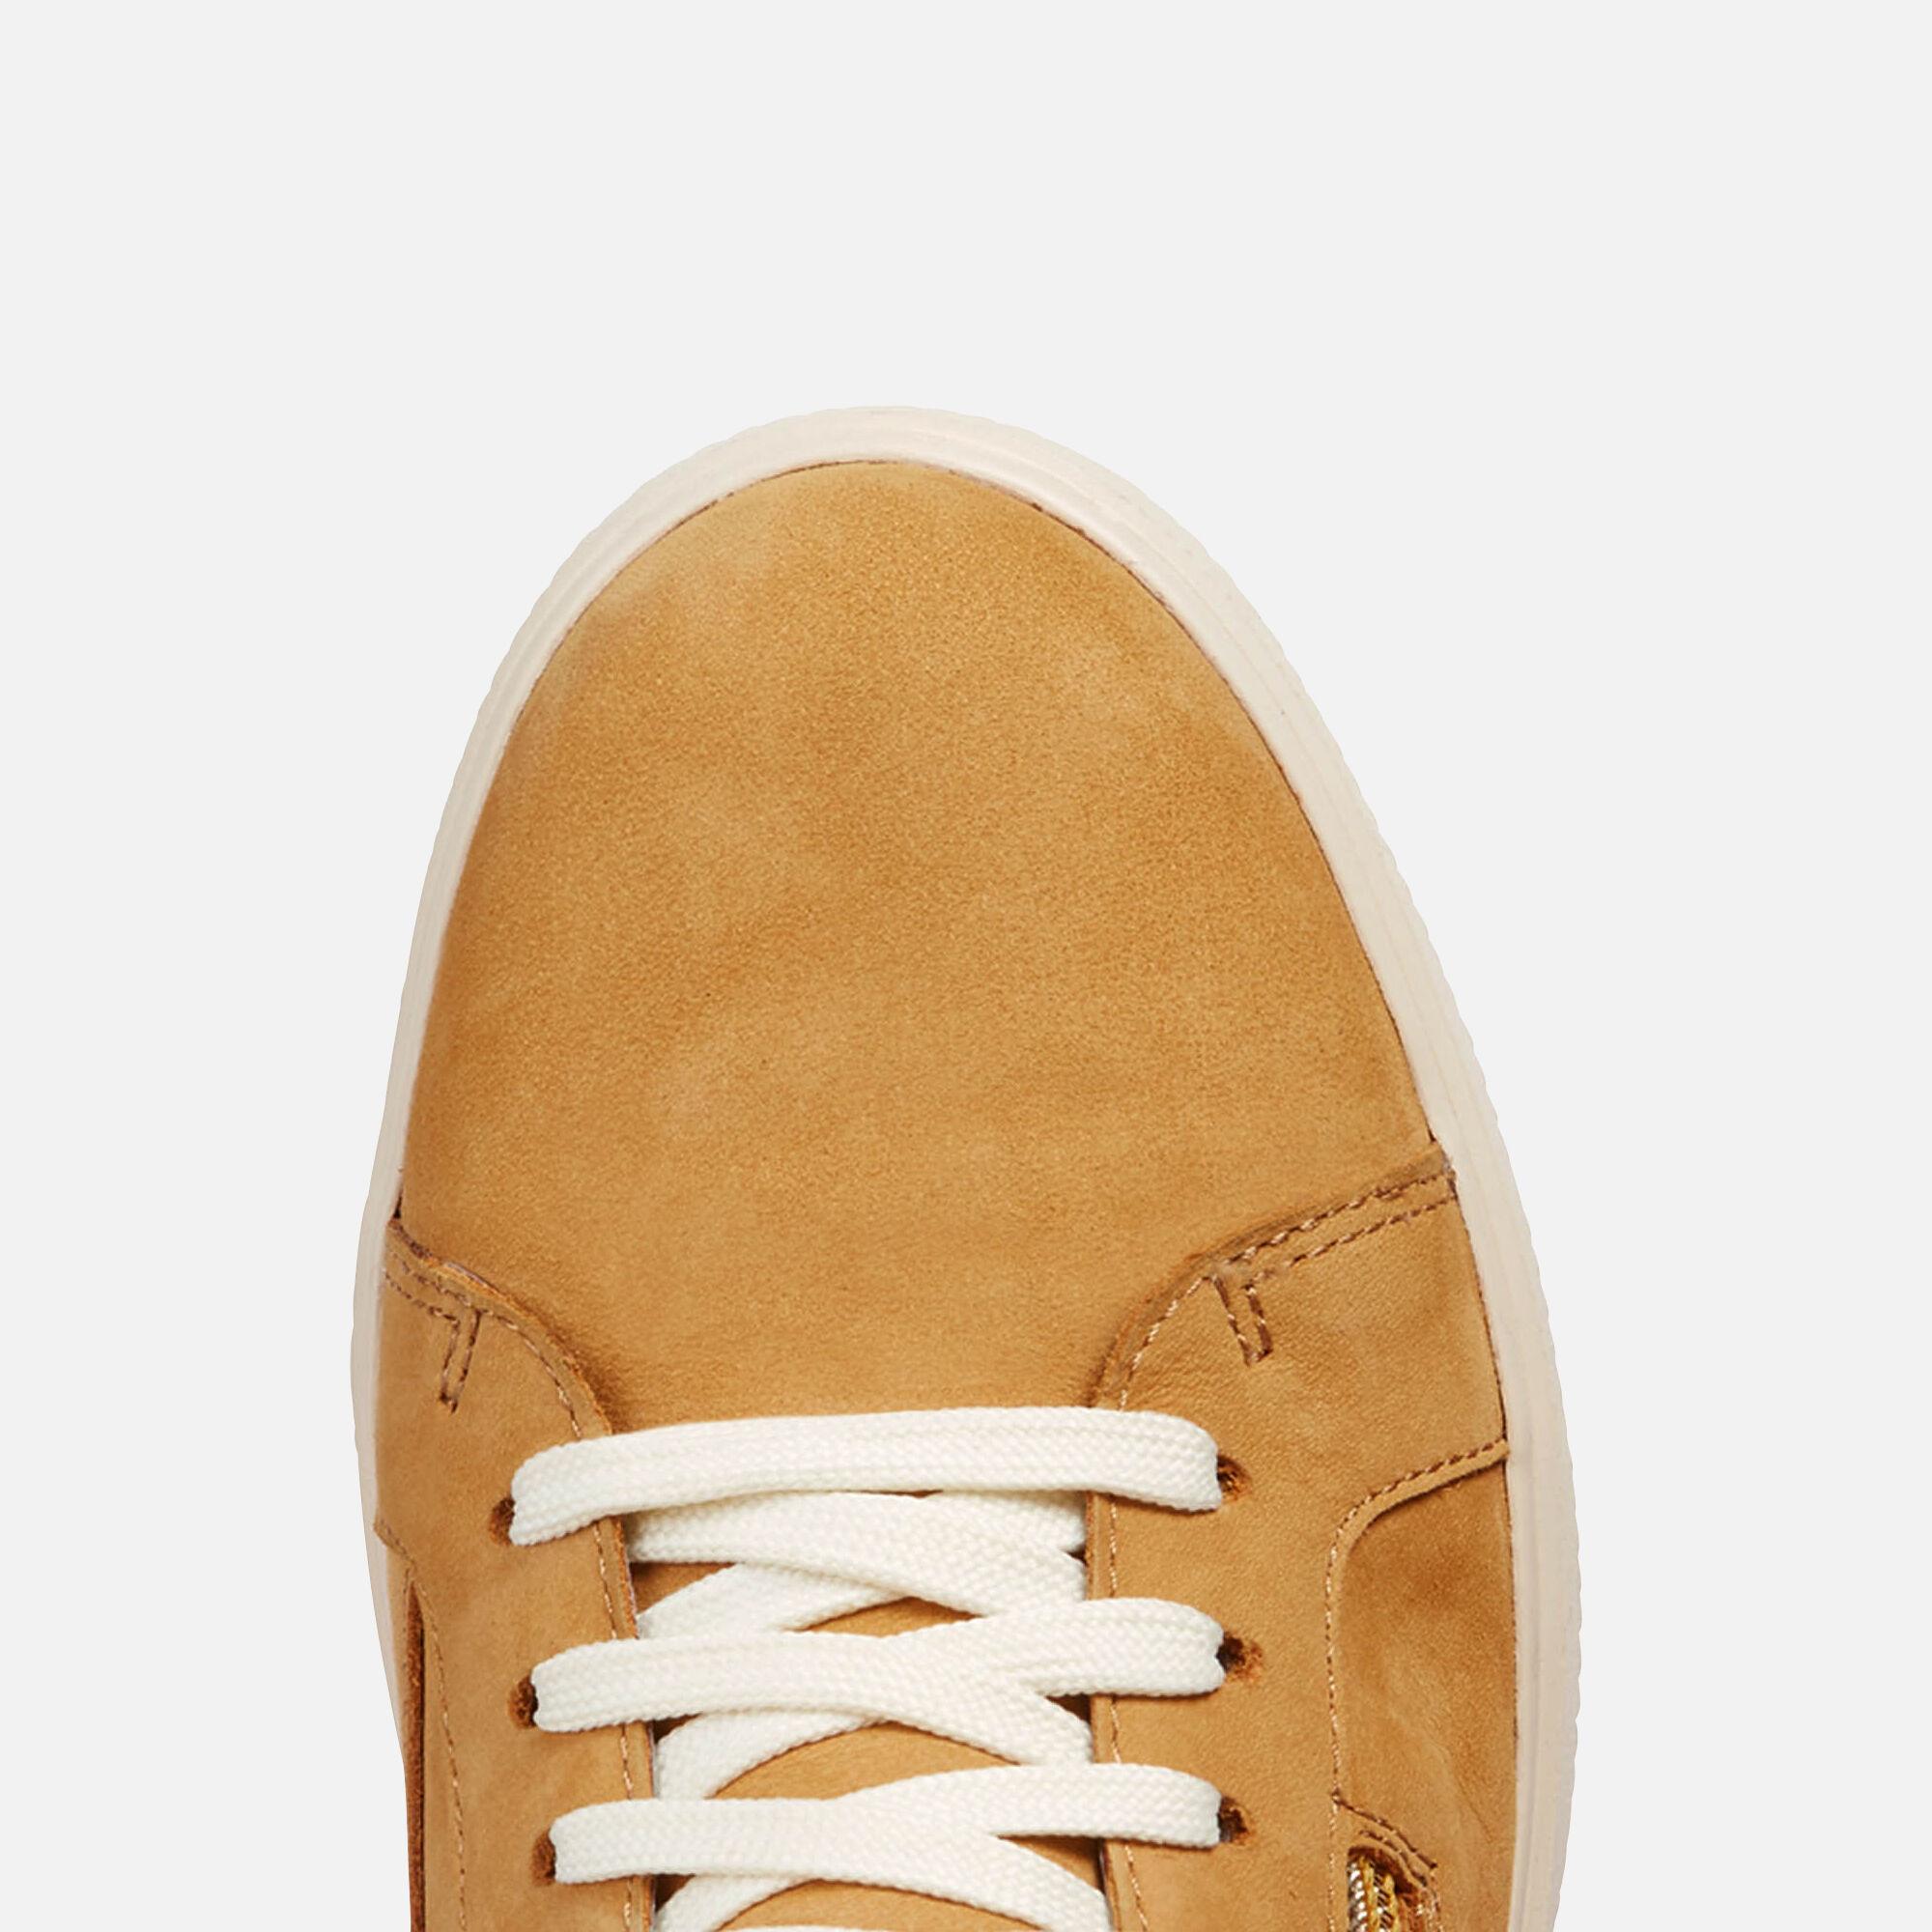 GEOX KAULA B ABX Donna: Sneakers Alte Bianche | GEOX ® | Geox